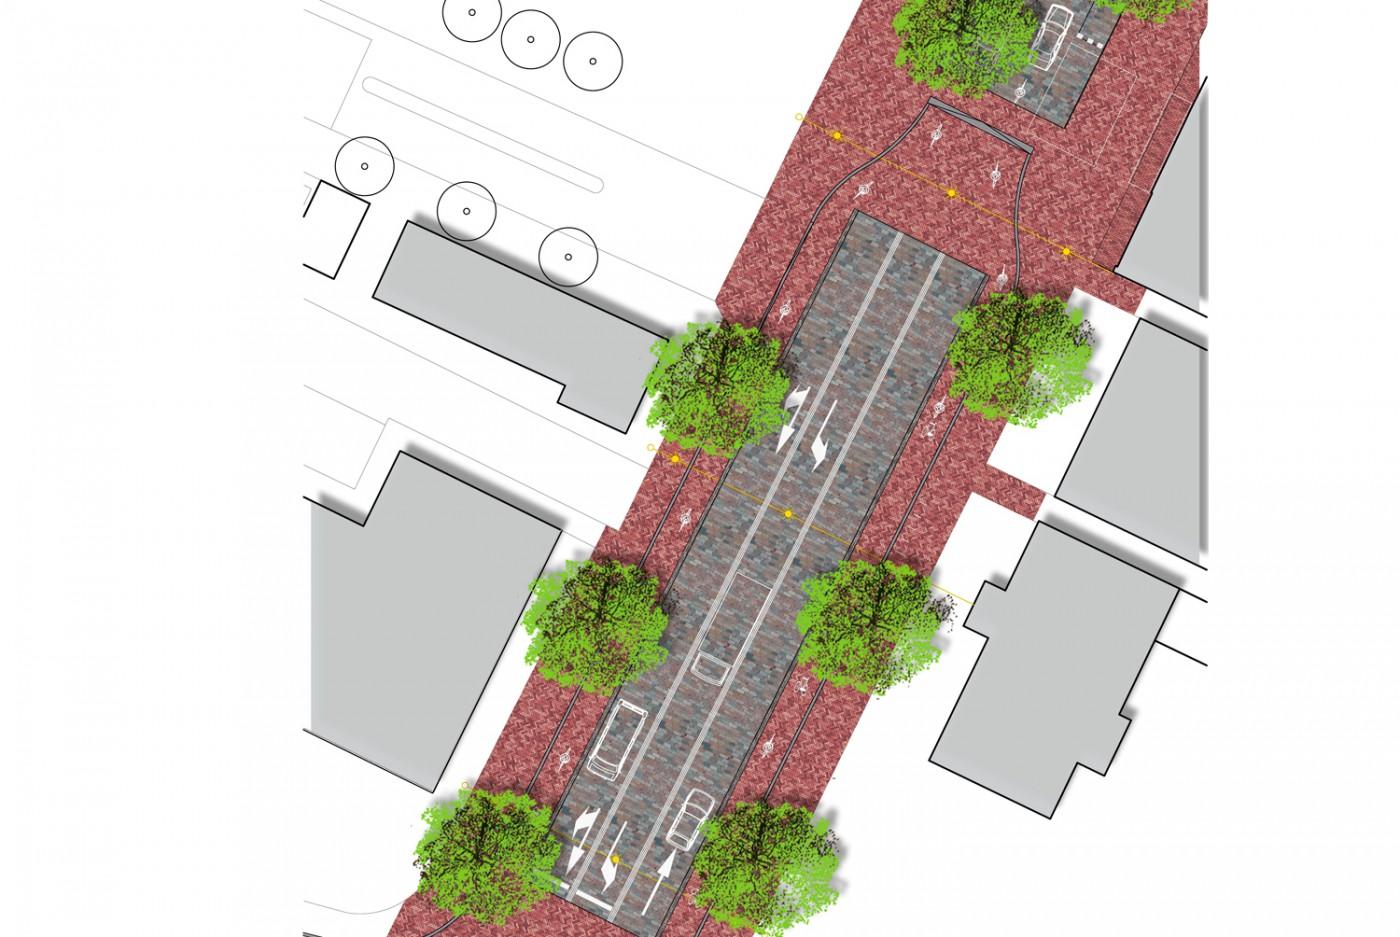 buro-sant-en-co-landschapsarchitectuur-veenendaal-winkelgebied-hoofdstraat-detail